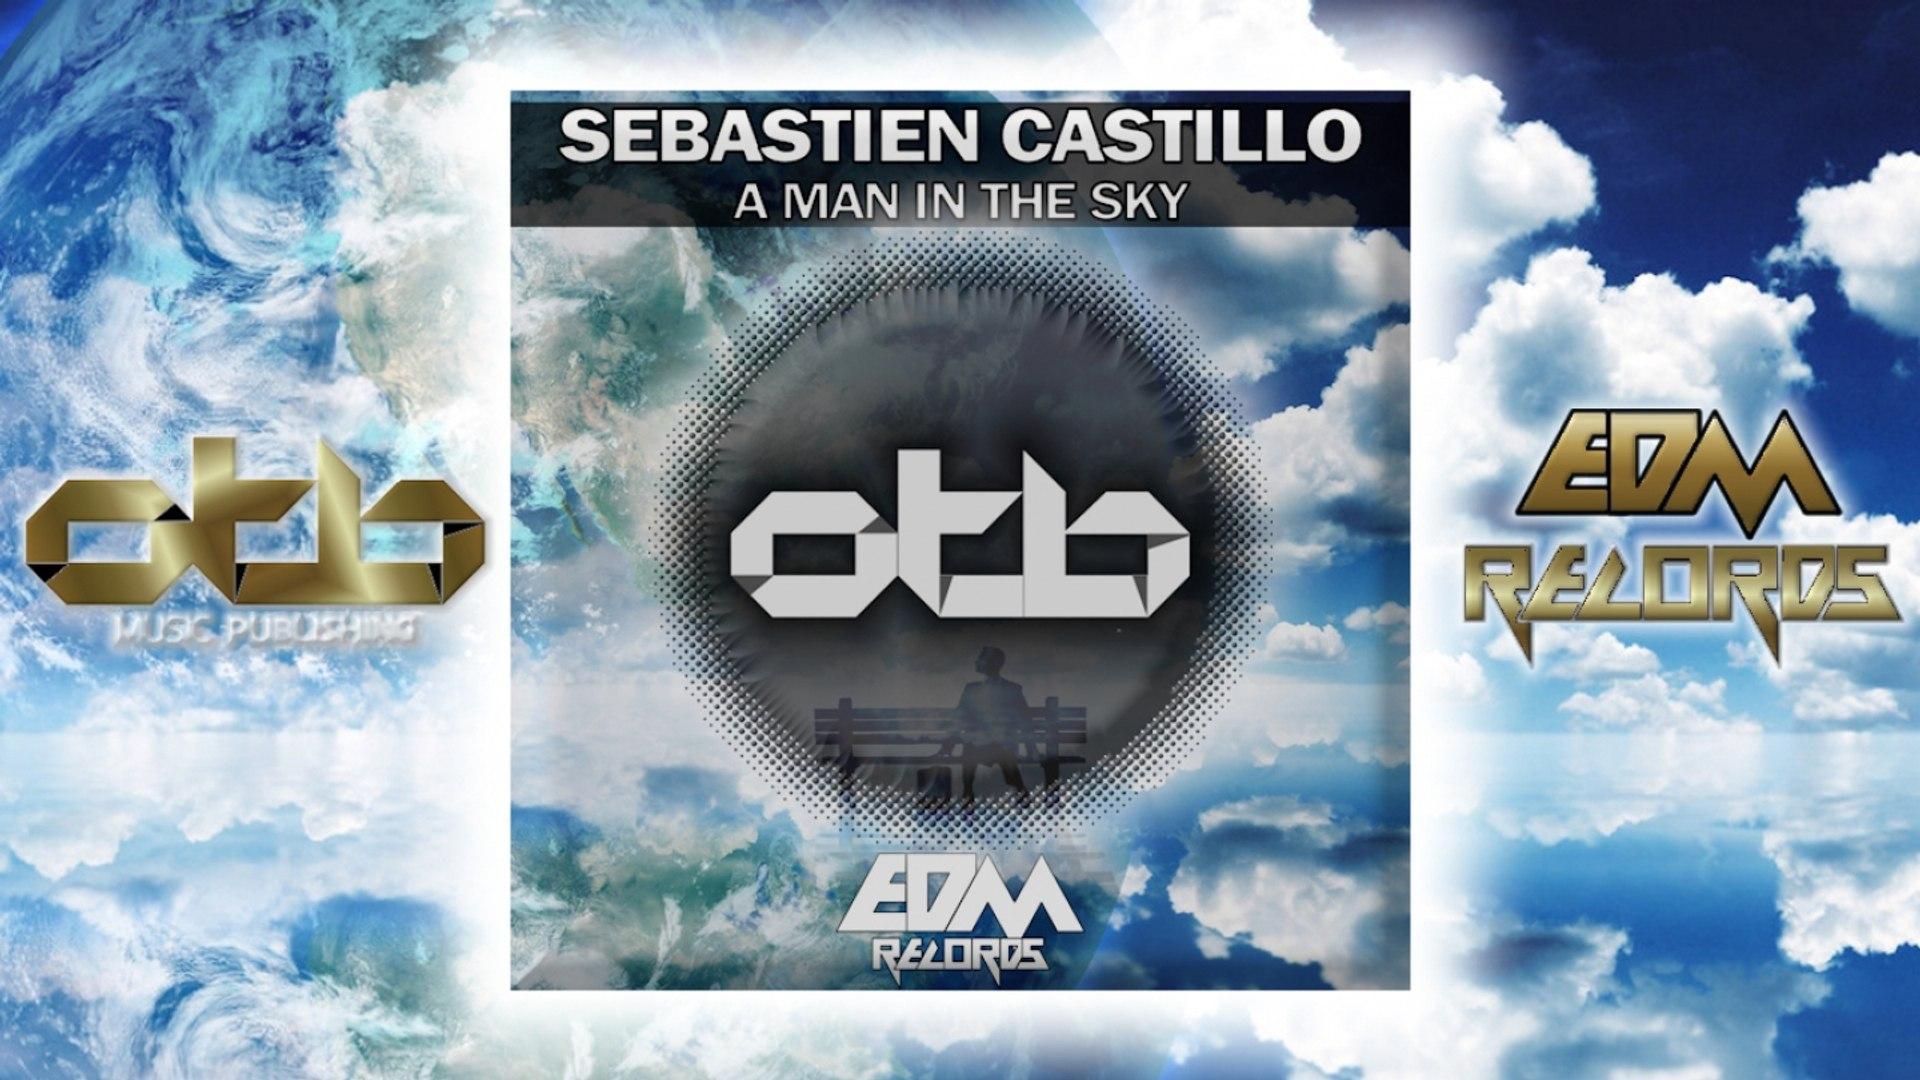 Sebastien Castillo Ft. $treisa - A Man In The Sky - [EDM 2018]